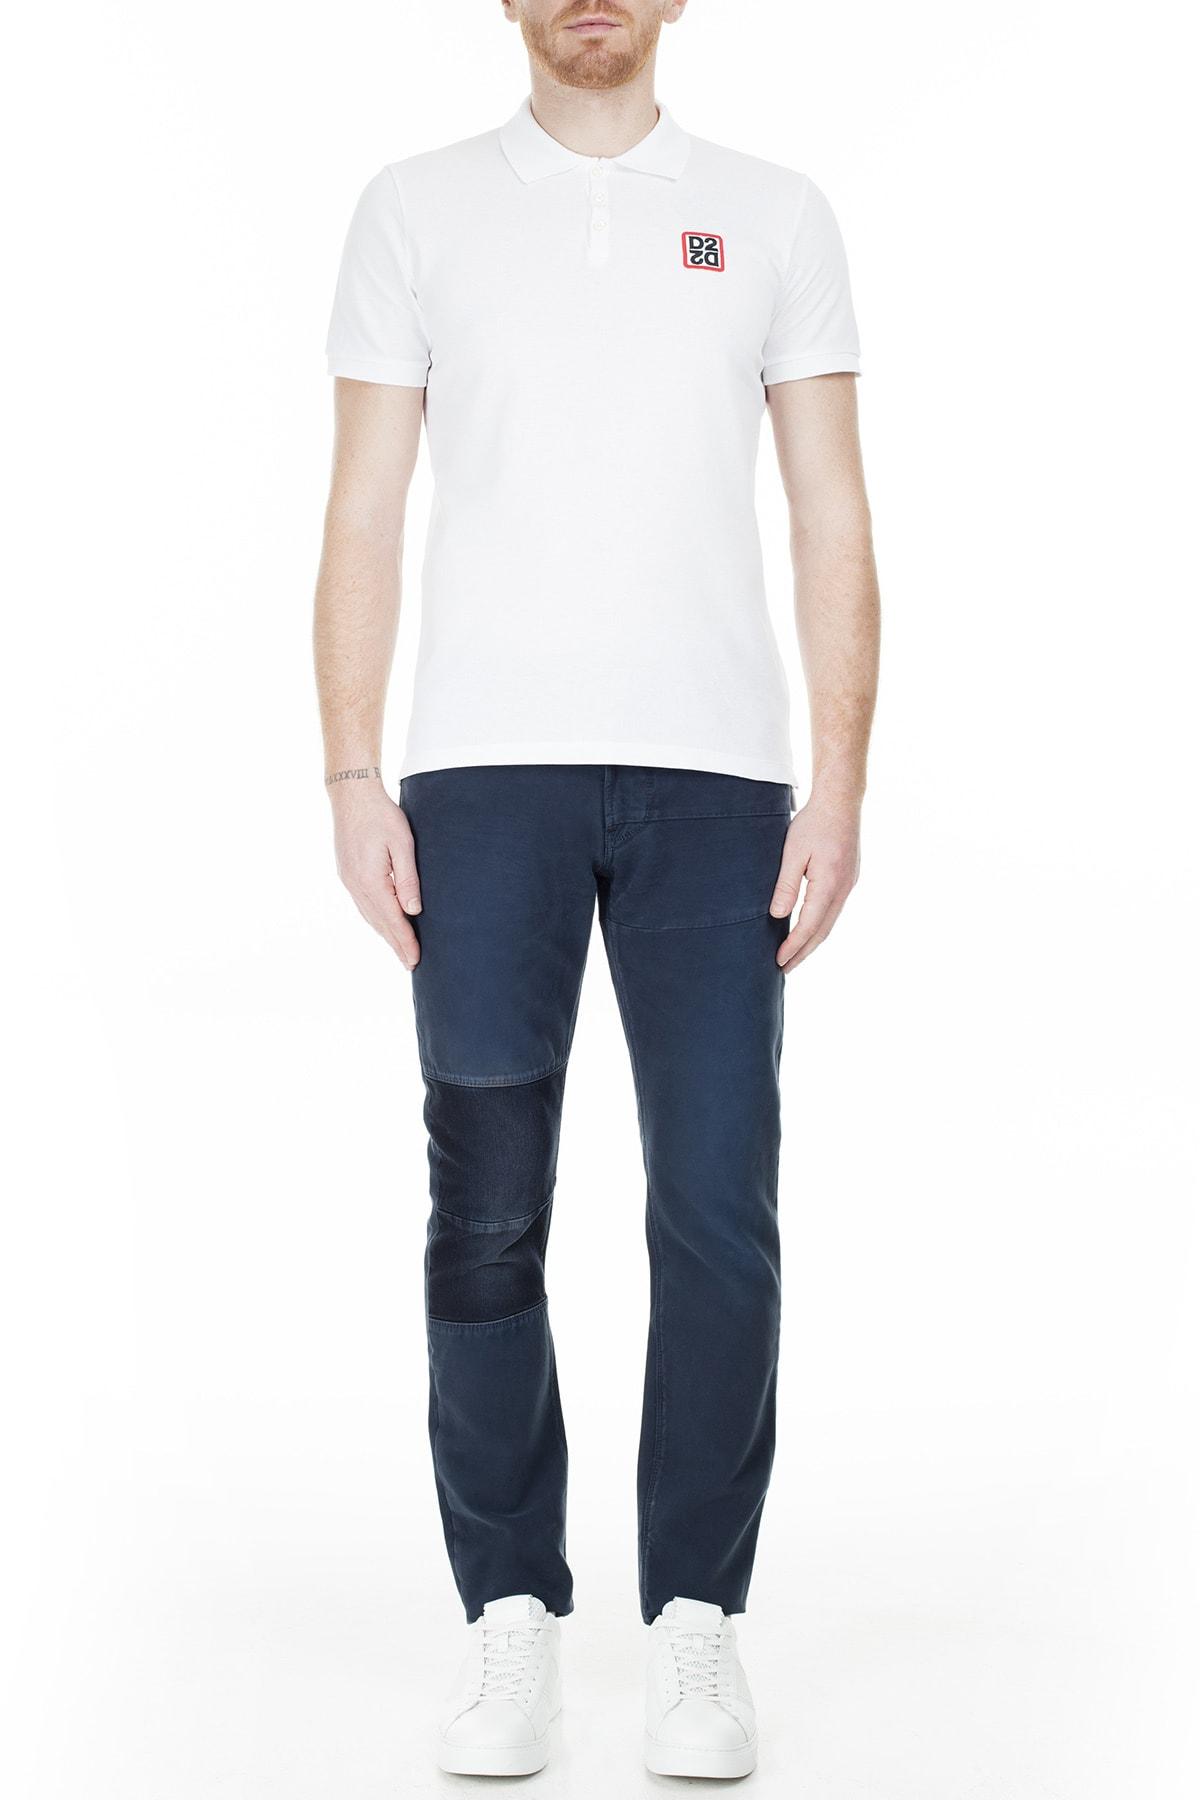 Armani Jeans J06 Jeans Erkek Pamuklu Pantolon 6Y6J06 6N1Iz 1579 1